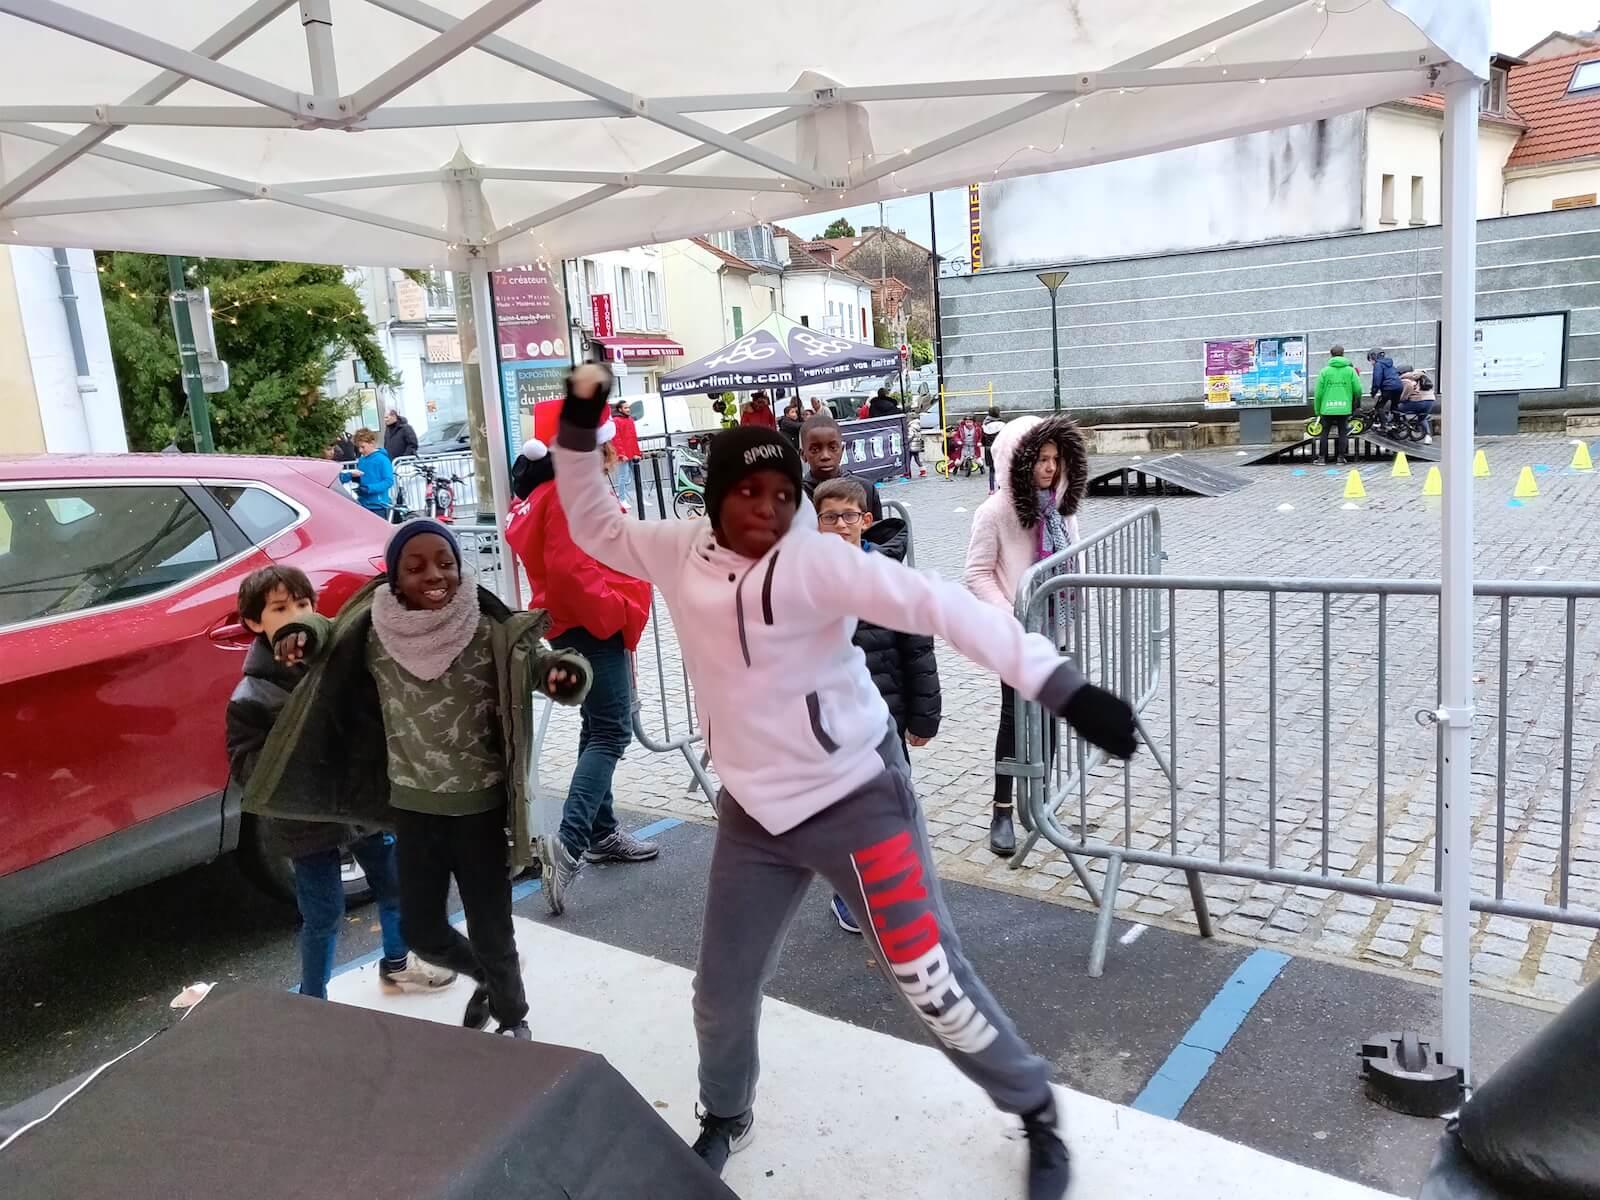 Jeu tout public marché de Noël centre commercial fête communale fête du sport forum des associations